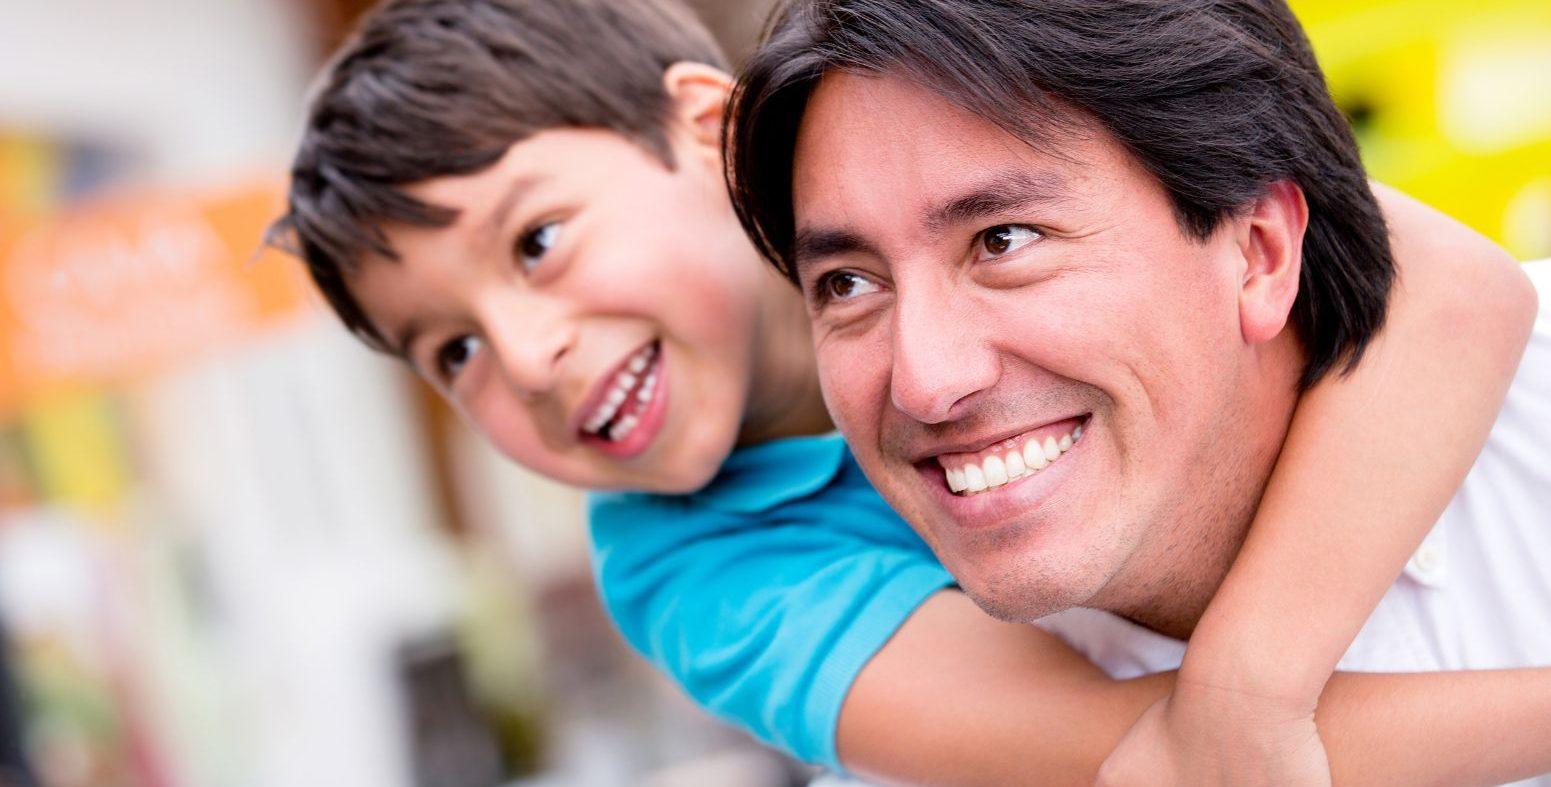 Cómo Detectar un Desequilibrio Cerebral en uno o ambos Padres